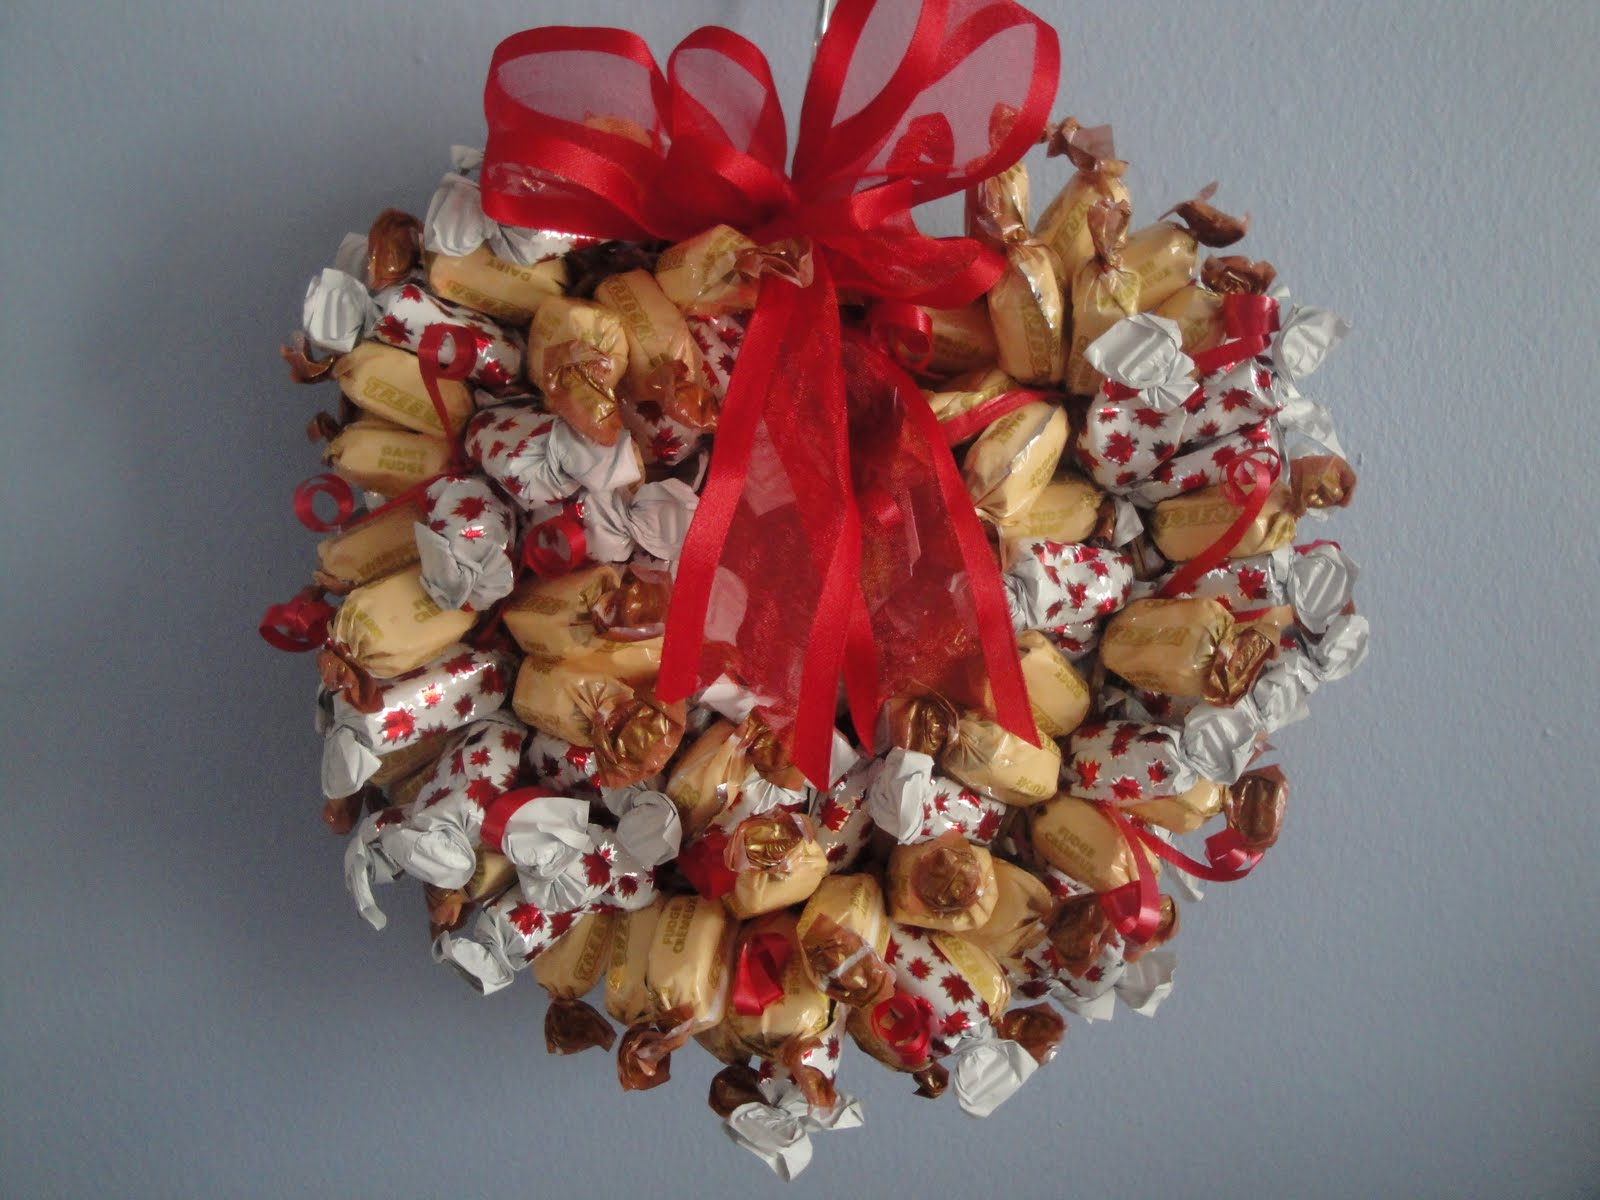 Coronas comestibles de navidad - Coronas de navidad para puertas ...